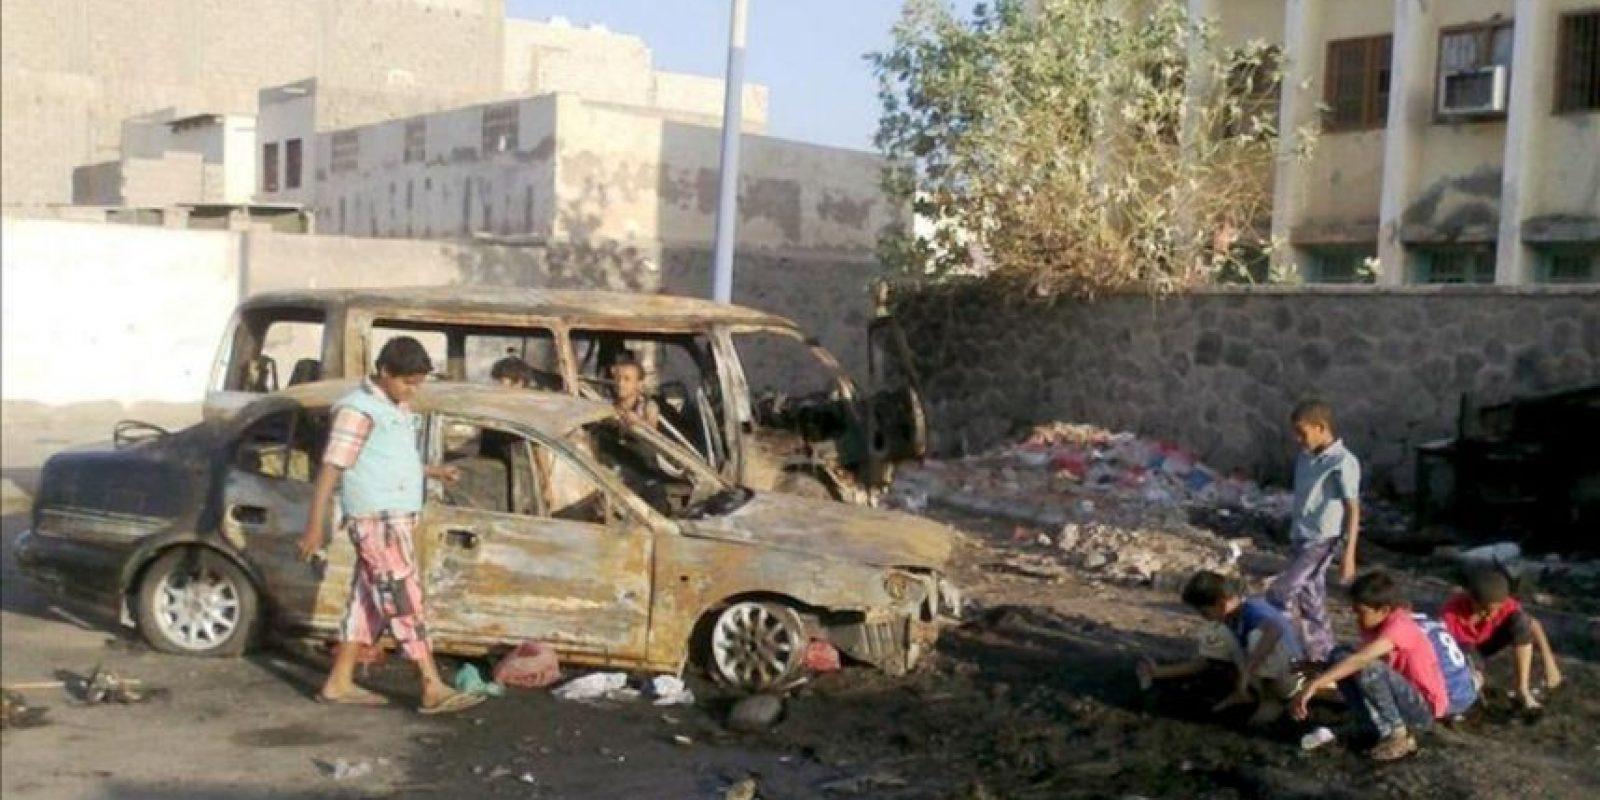 El presidente yemení, Abdo Rabu Mansur Hadi, ha visitado la ciudad de Adén y la provincia de Abian, ambas en el sur del Yemen, tras los últimos incidentes registrados en la zona, señaló hoy la agencia oficial de noticias Saba. EFE